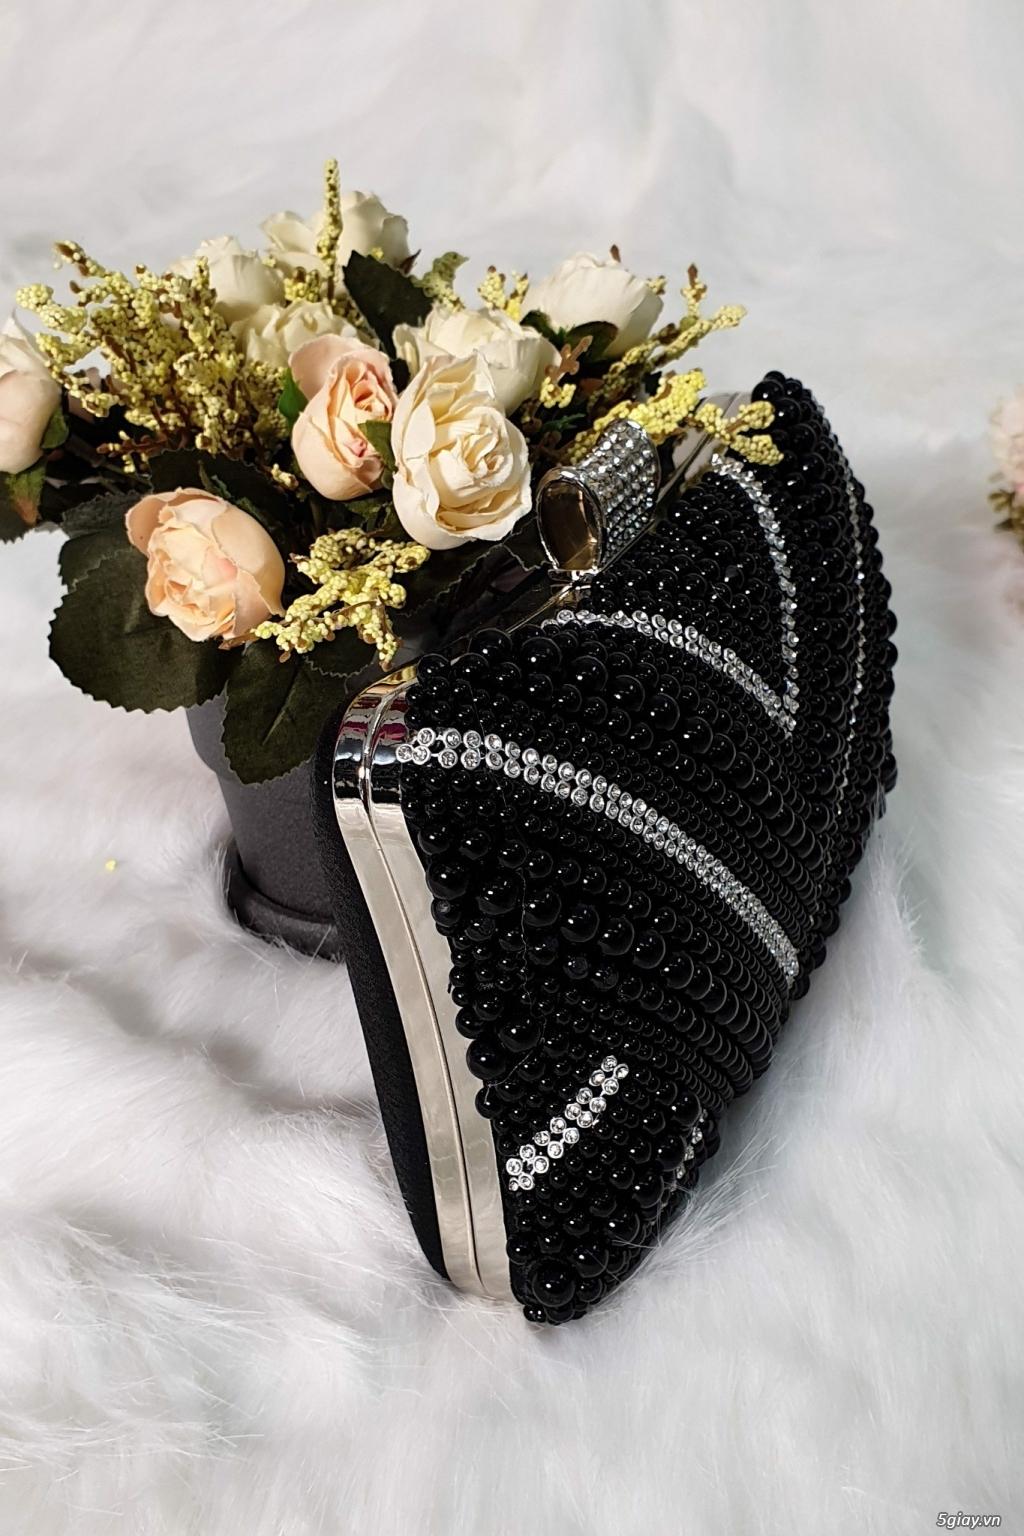 Wal House Fashion - Bóp ví túi xách thời trang - Giá ưu đãi - 28